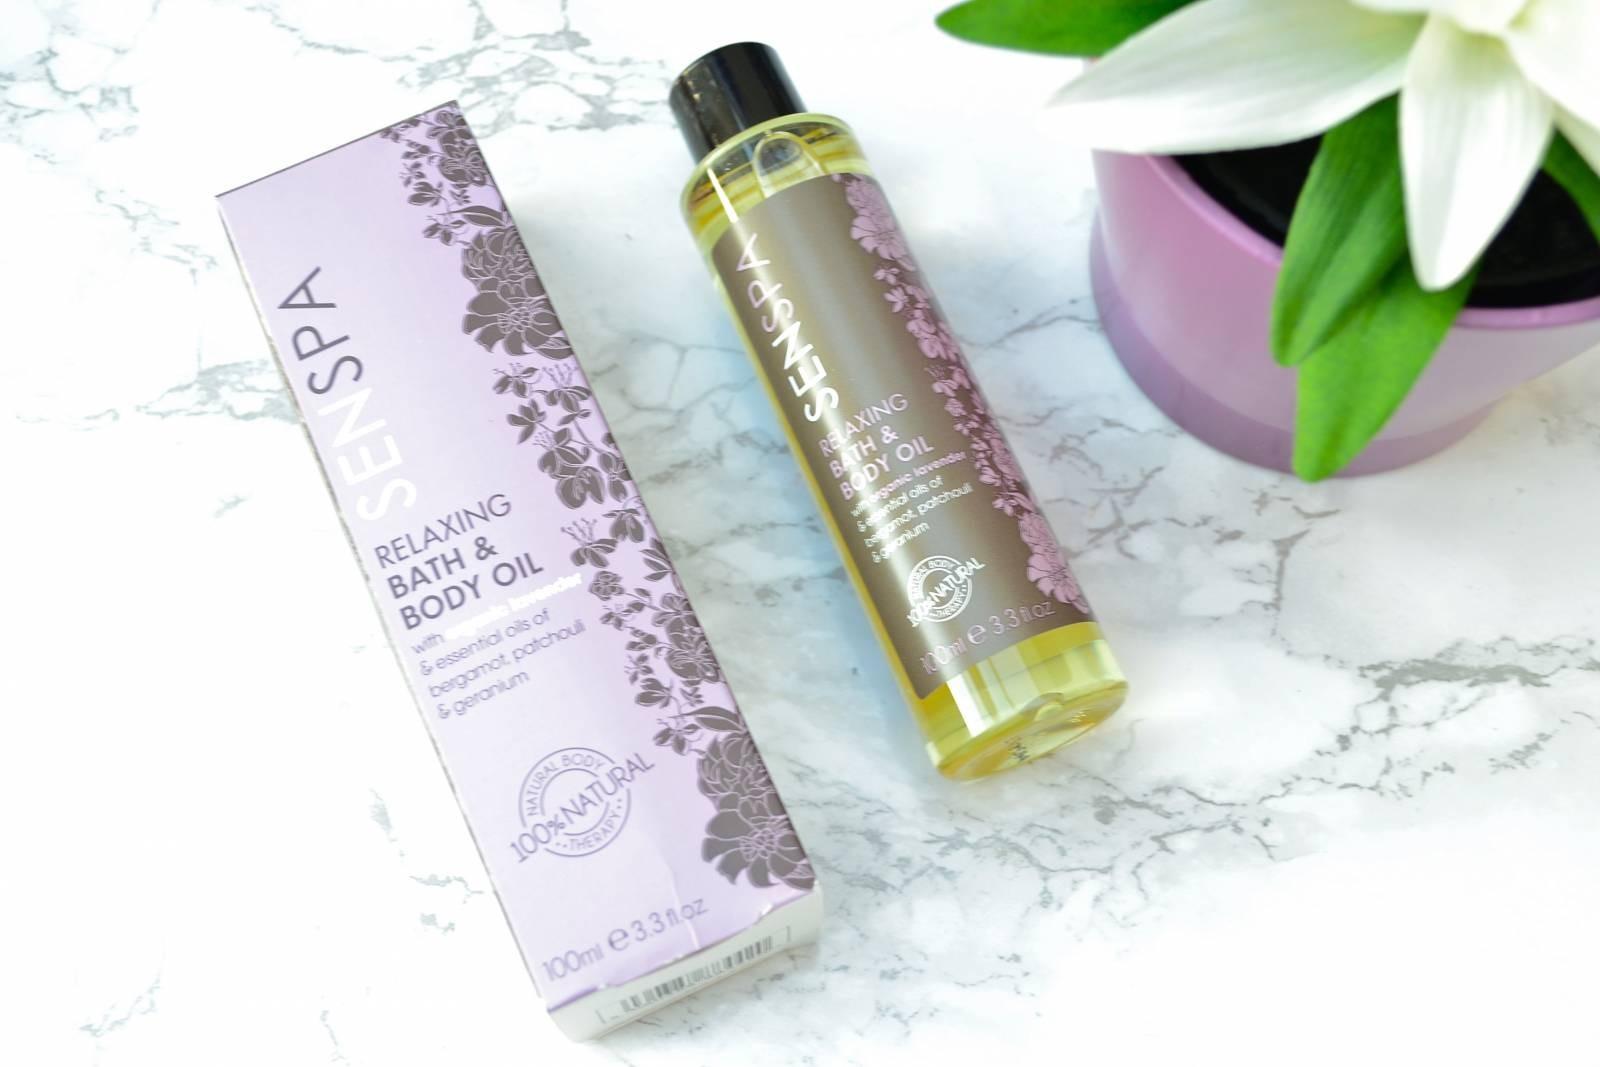 senspa-bath-body-oil